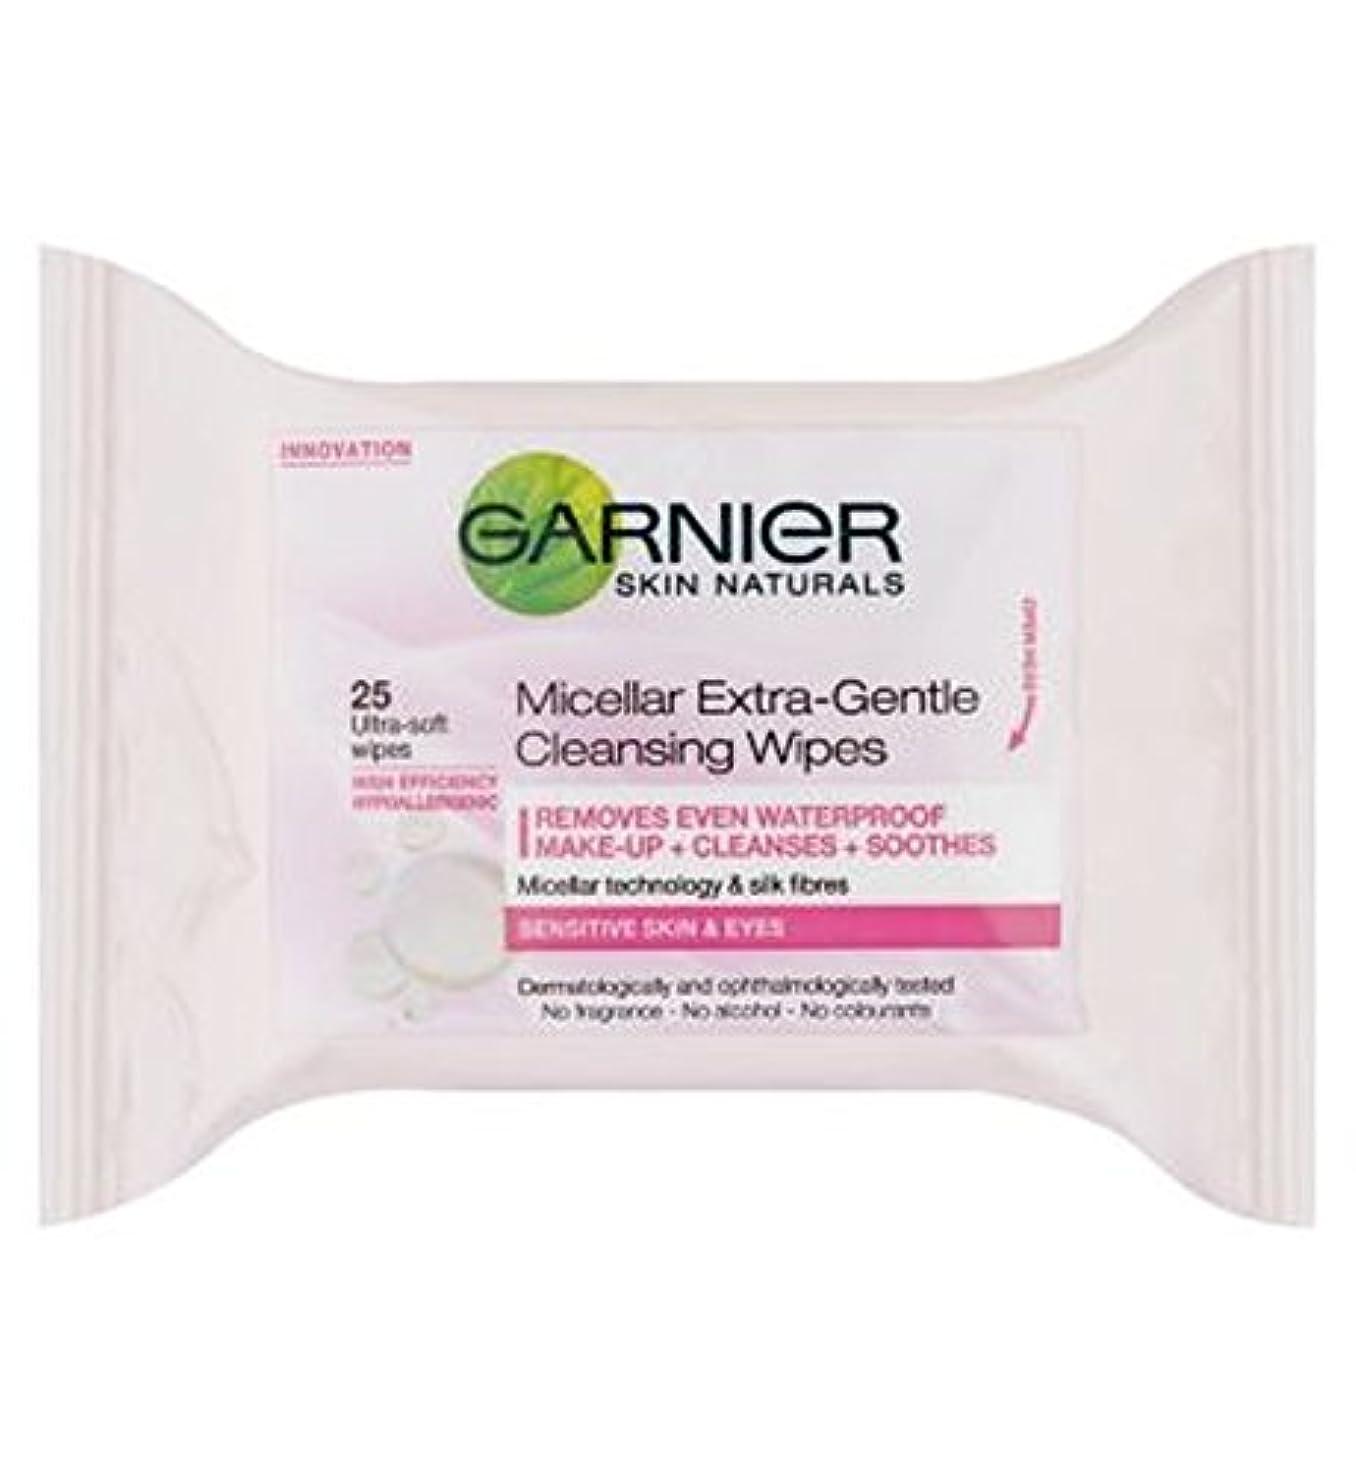 争う削減作り上げるGarnier Micellar Extra-Gentle Cleansing Wipes 25s - ガルニエミセルエクストラジェントルクレンジングは、25秒をワイプ (Garnier) [並行輸入品]